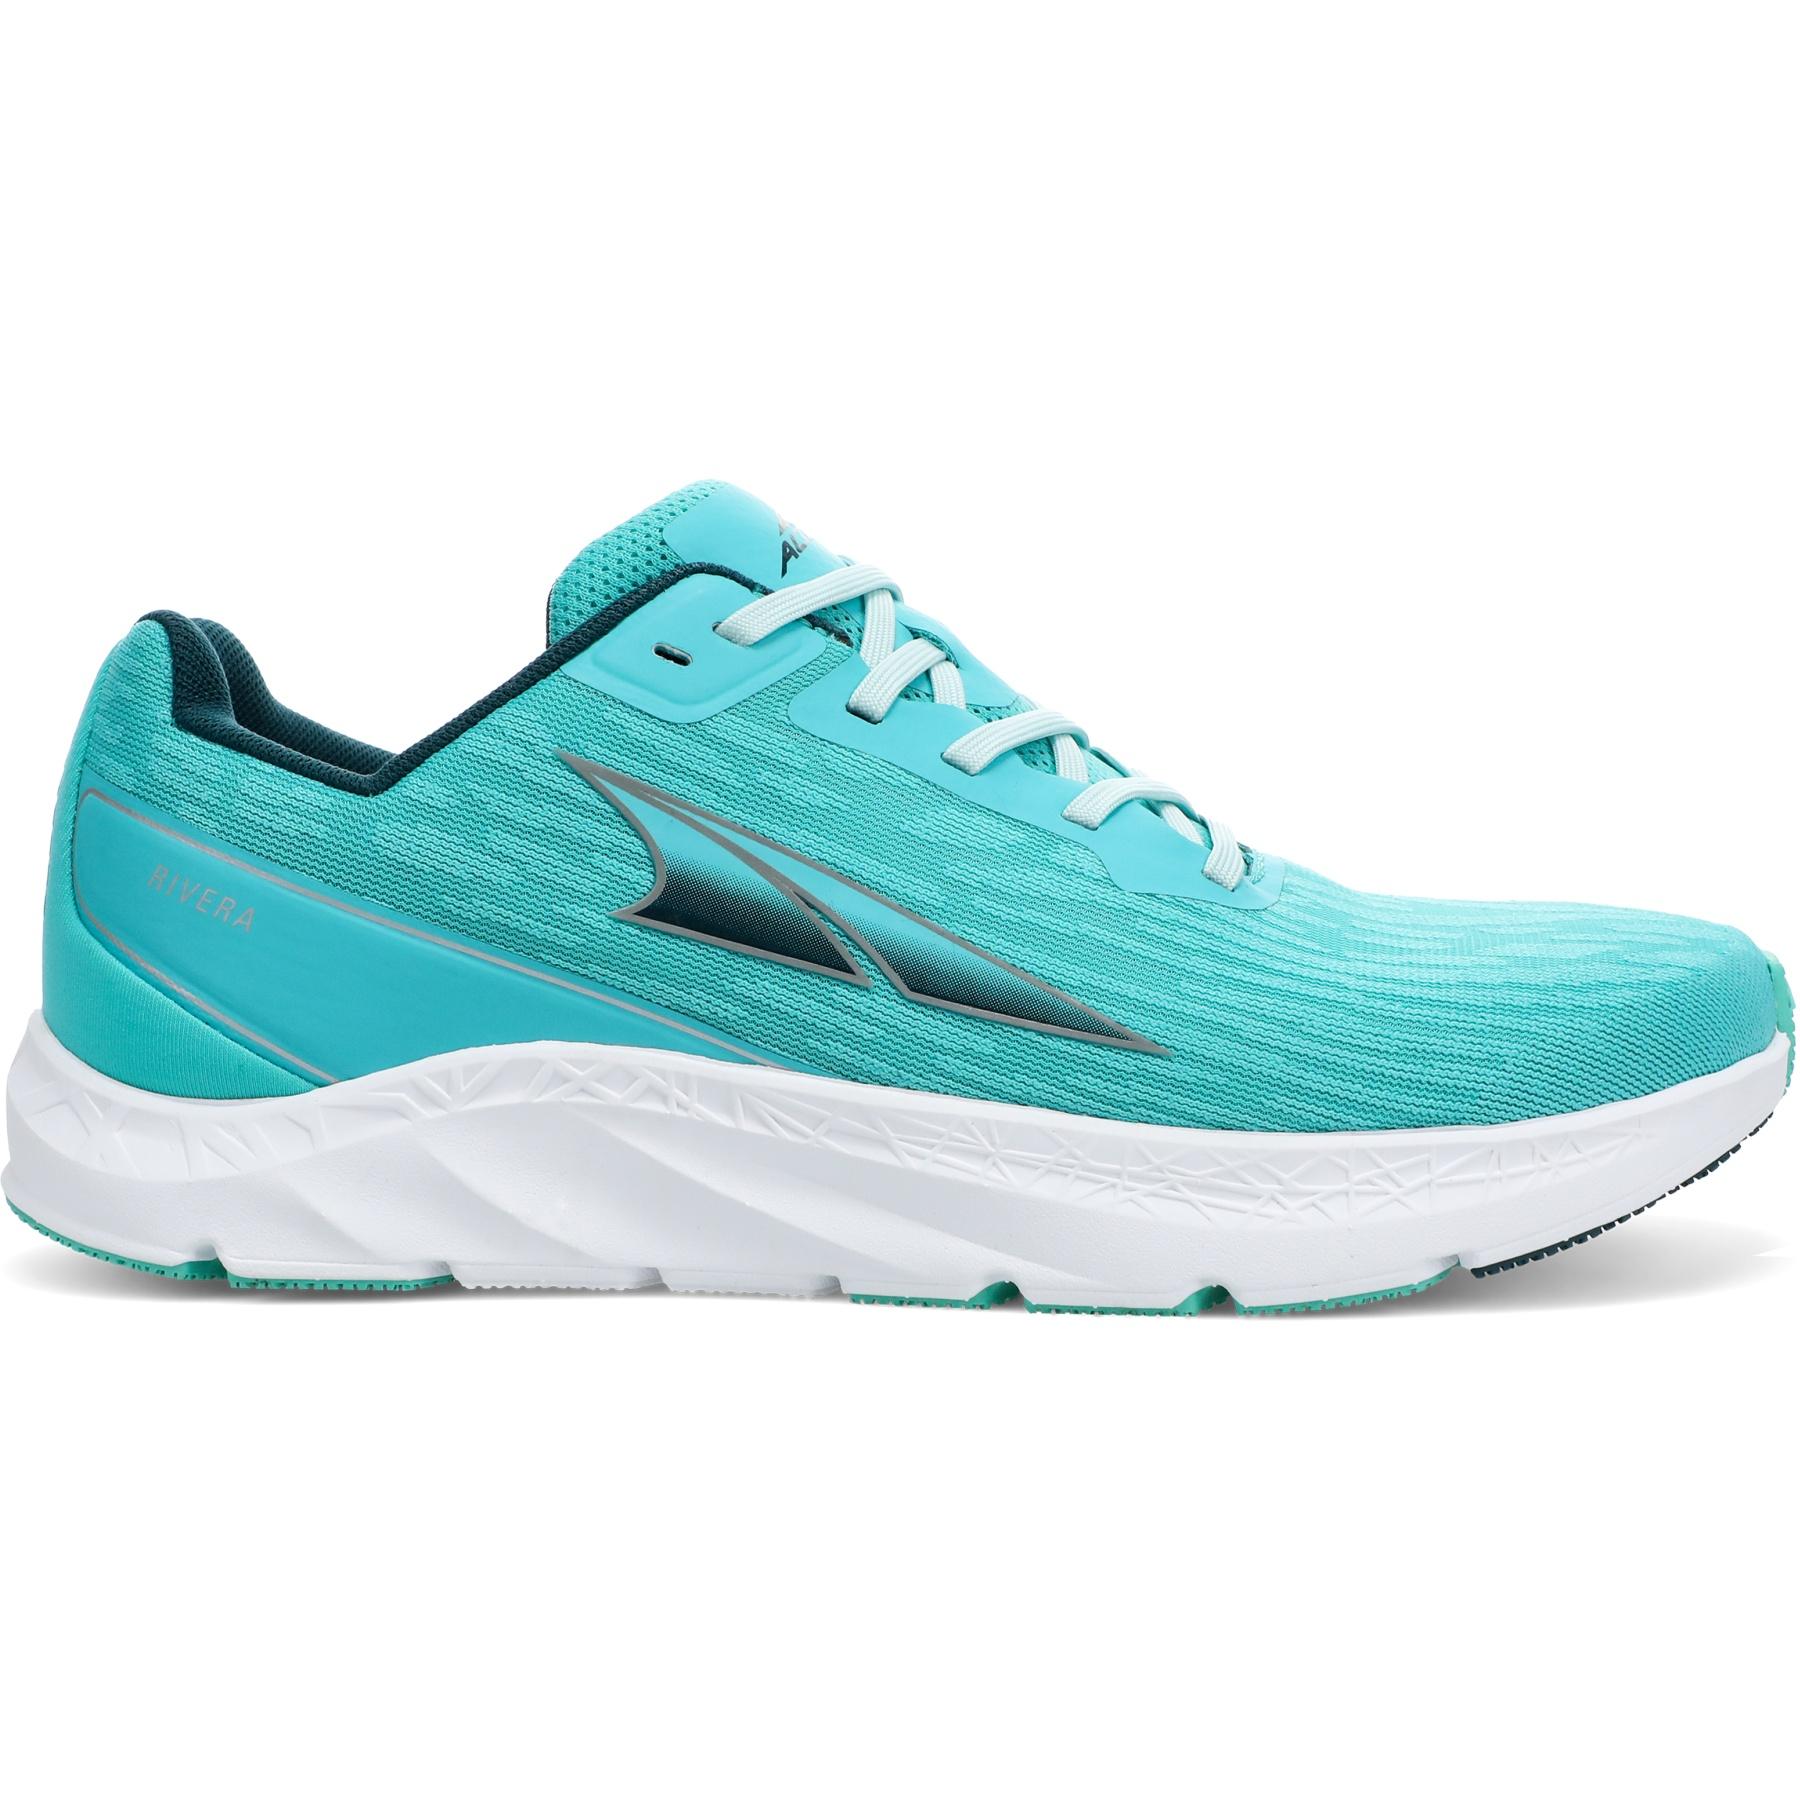 Altra Rivera Running Shoes Women - Teal/Green